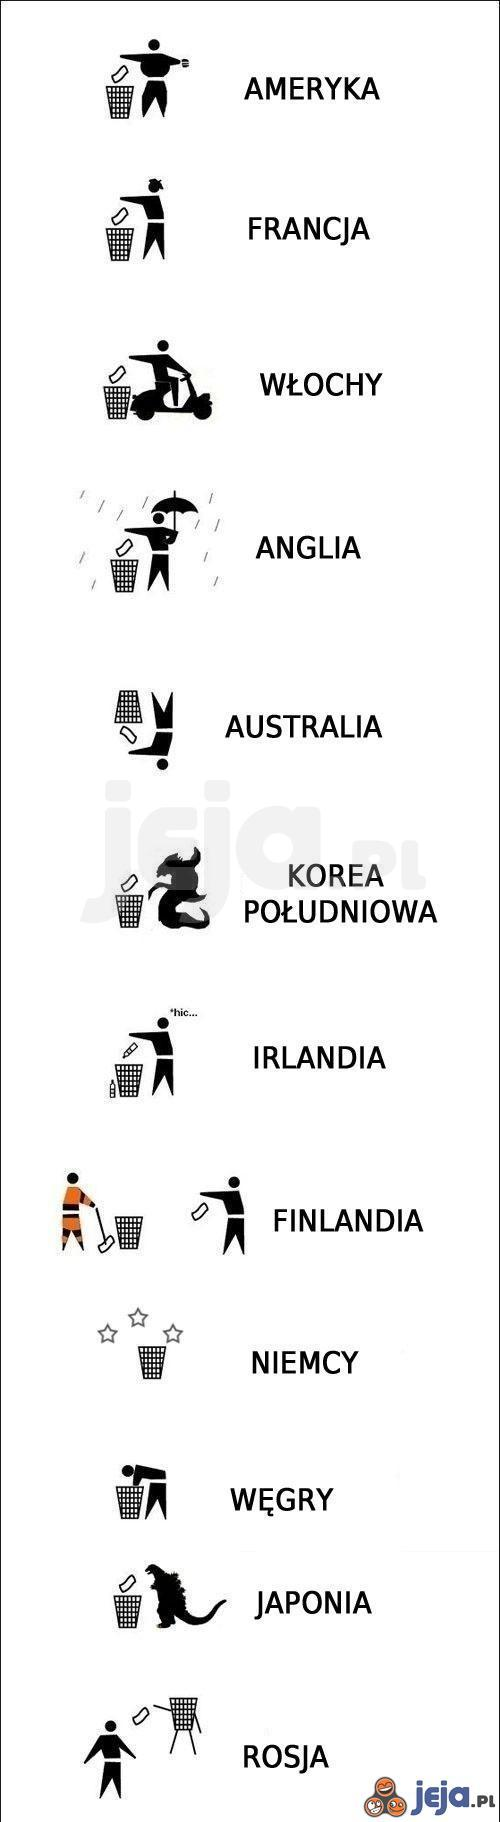 Oznaczenia na produktach różnych krajów